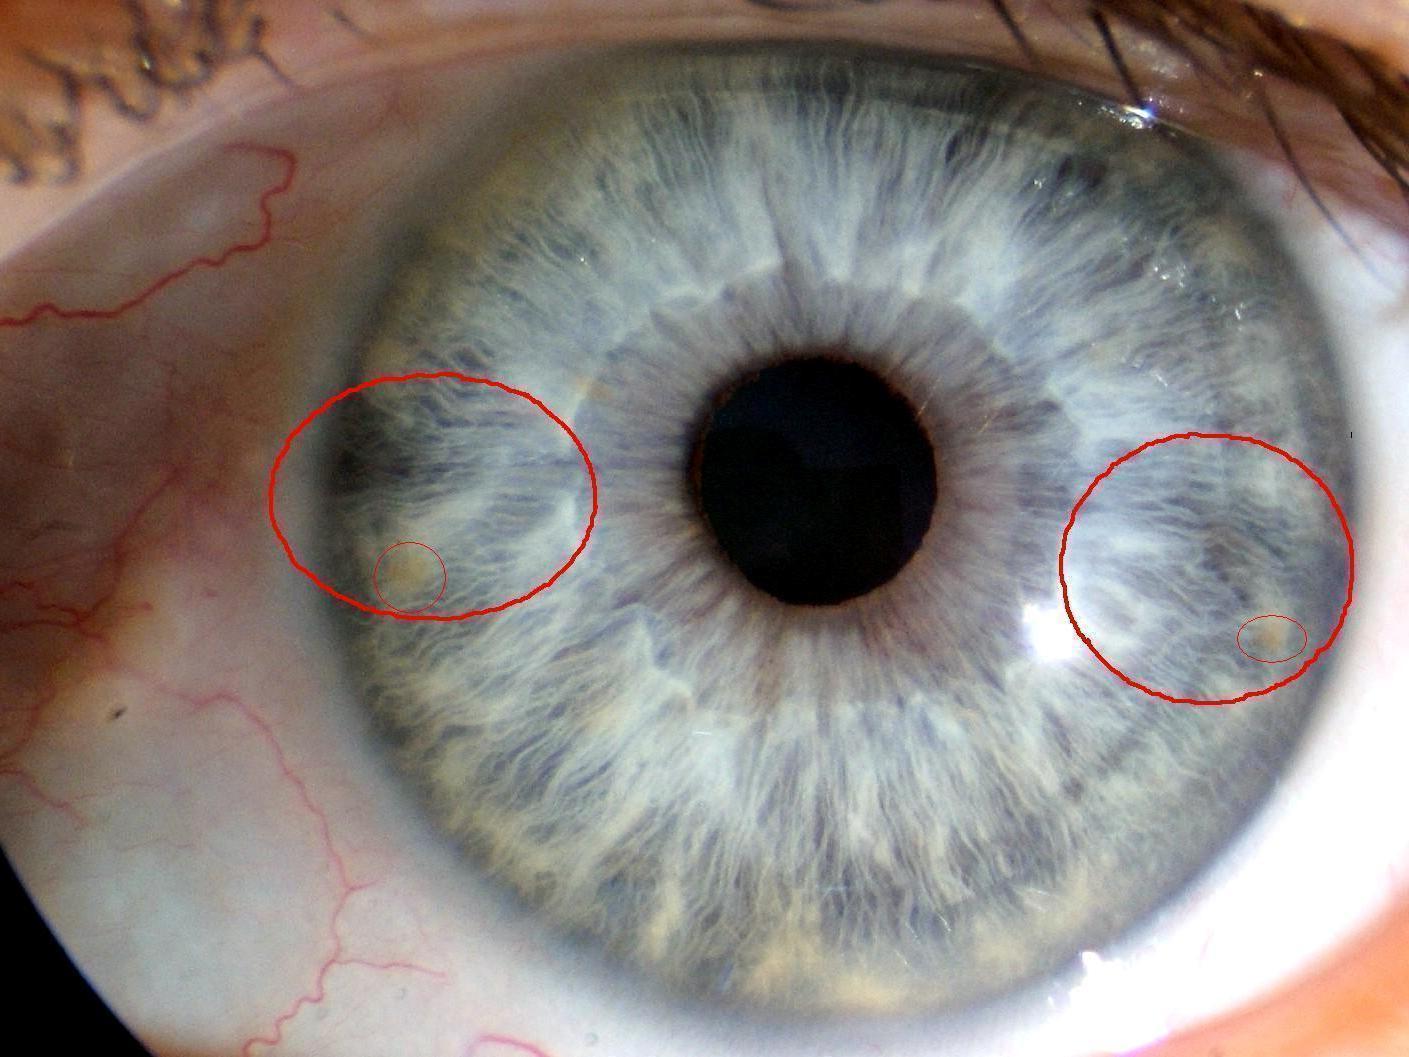 Iridologia – Diagnostico de Doenças Através dos olhos